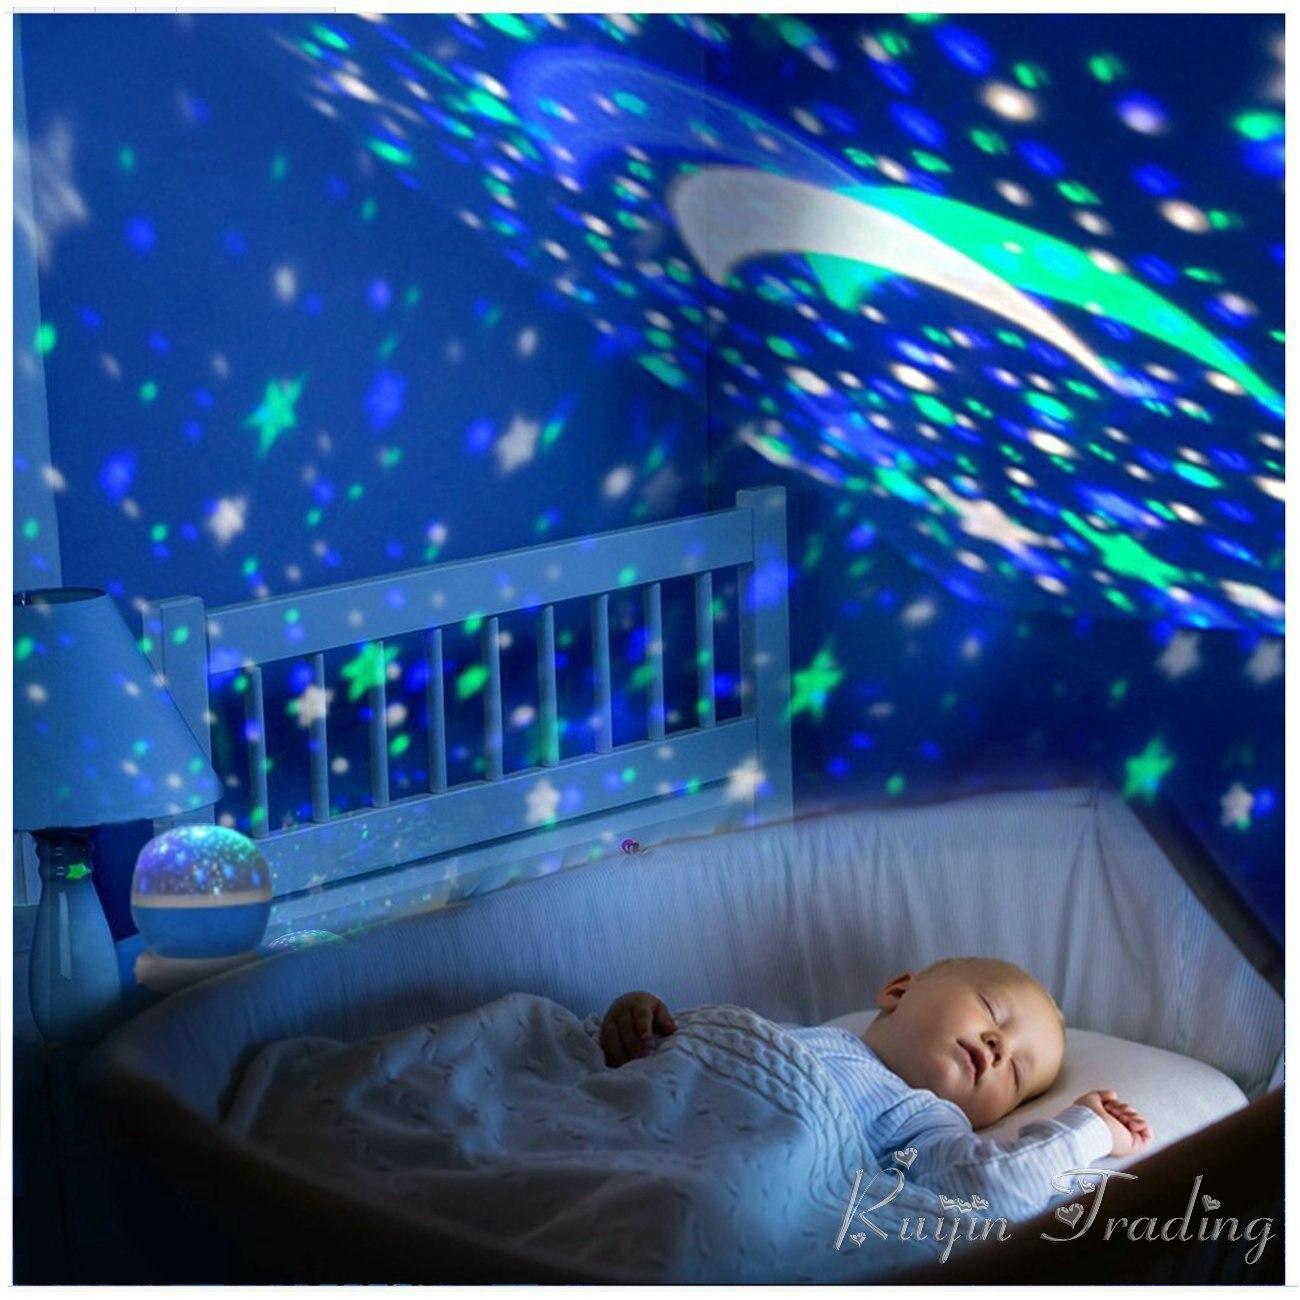 Светодиодный вращающаяся Звезда проектор Новинка освещение Луна Небо вращения Детские ночник Батарея действовали аварийные лампы